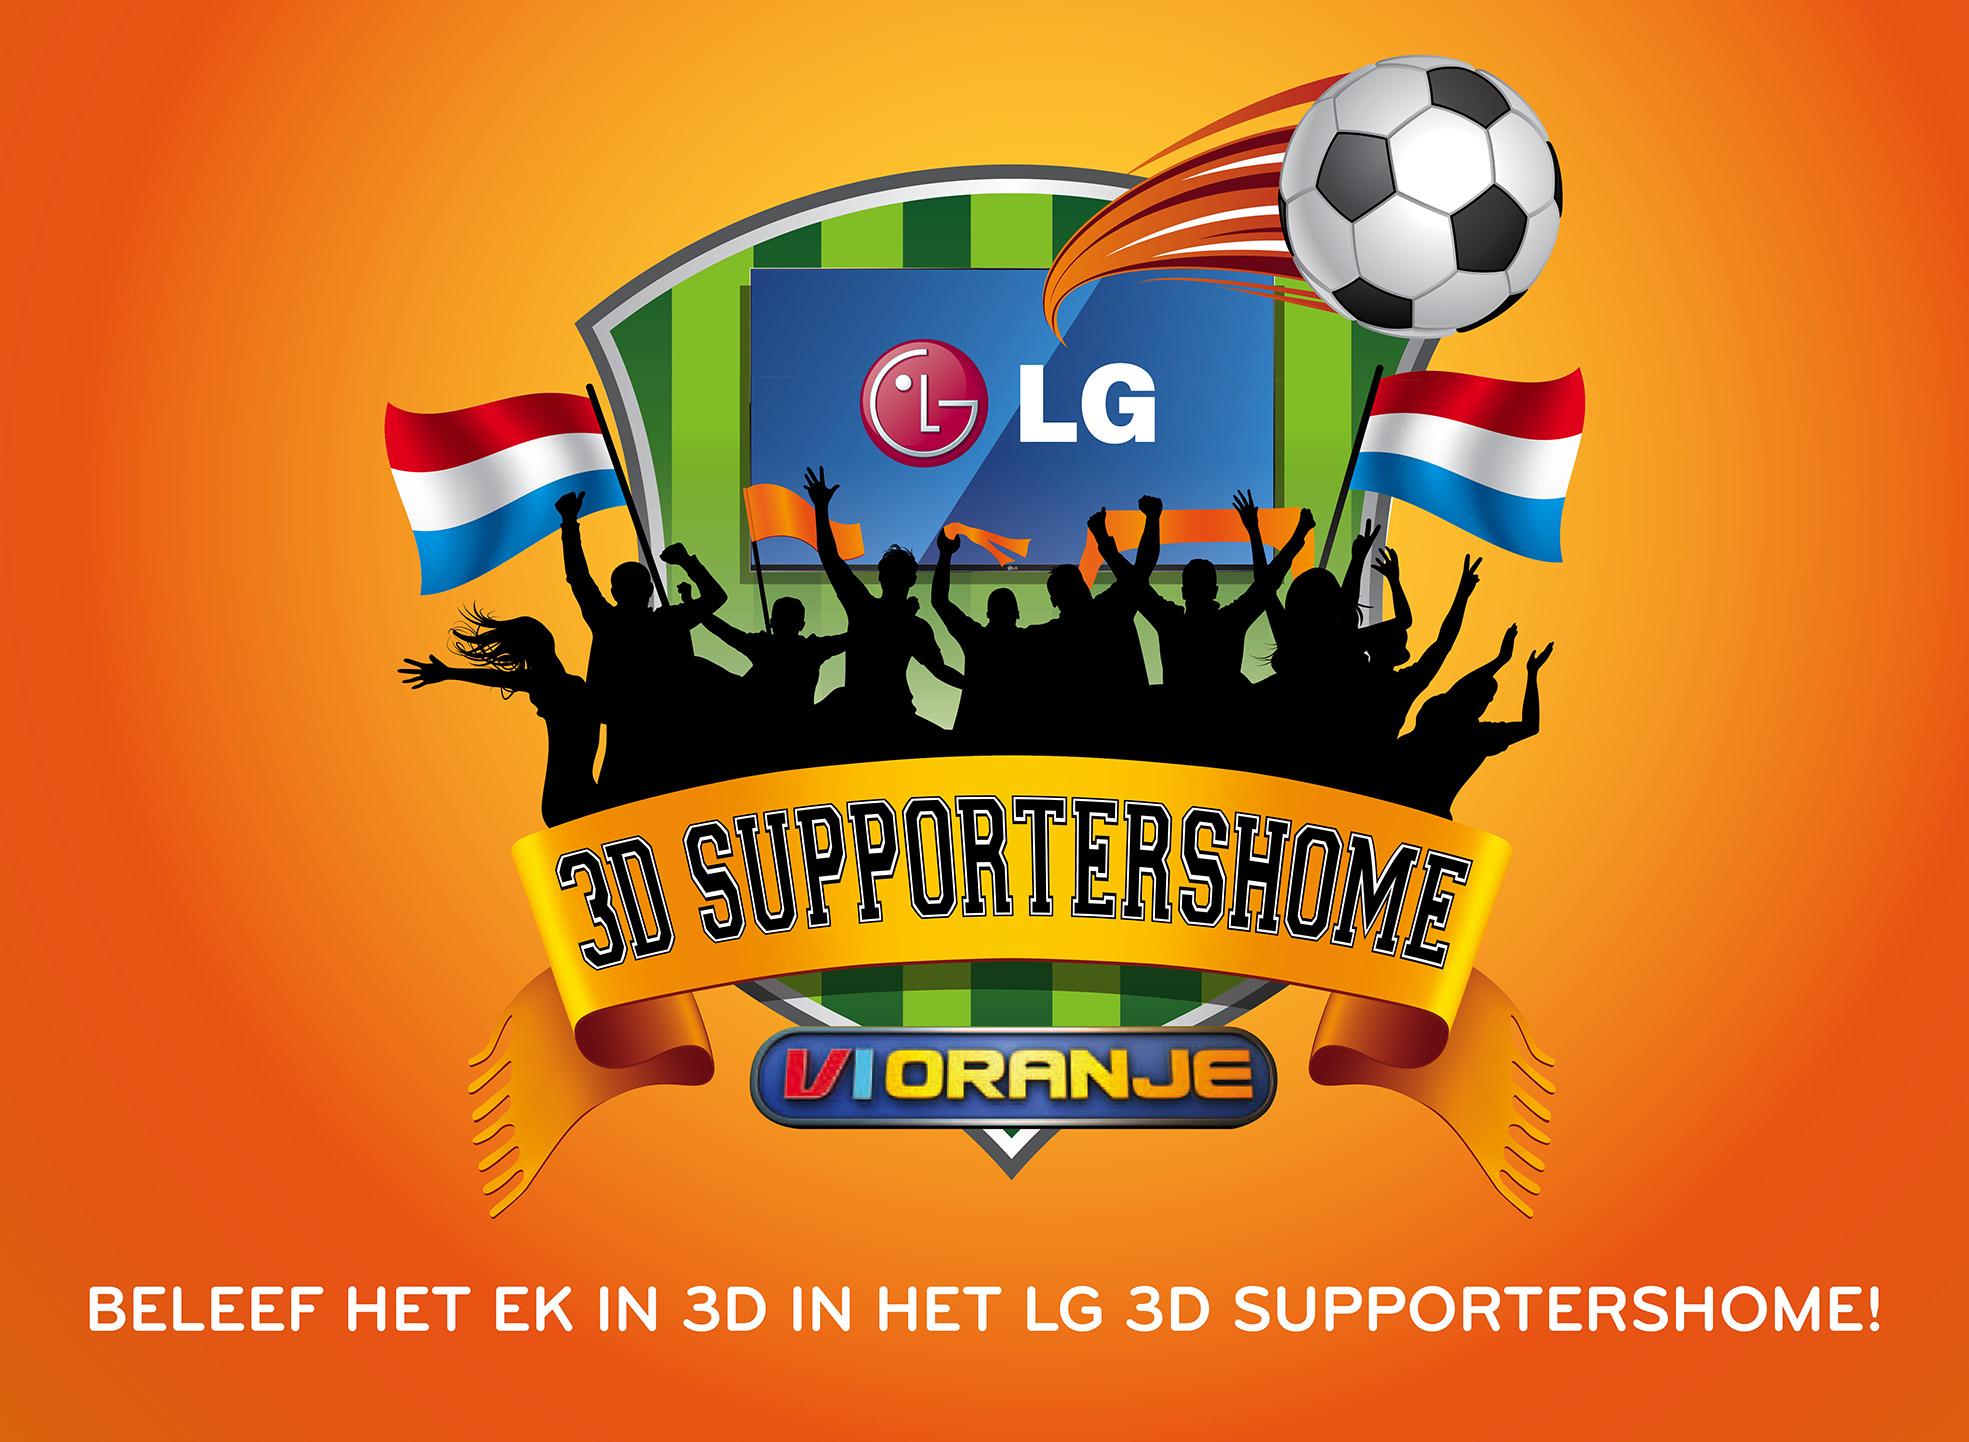 3D supporterhomeposter FC